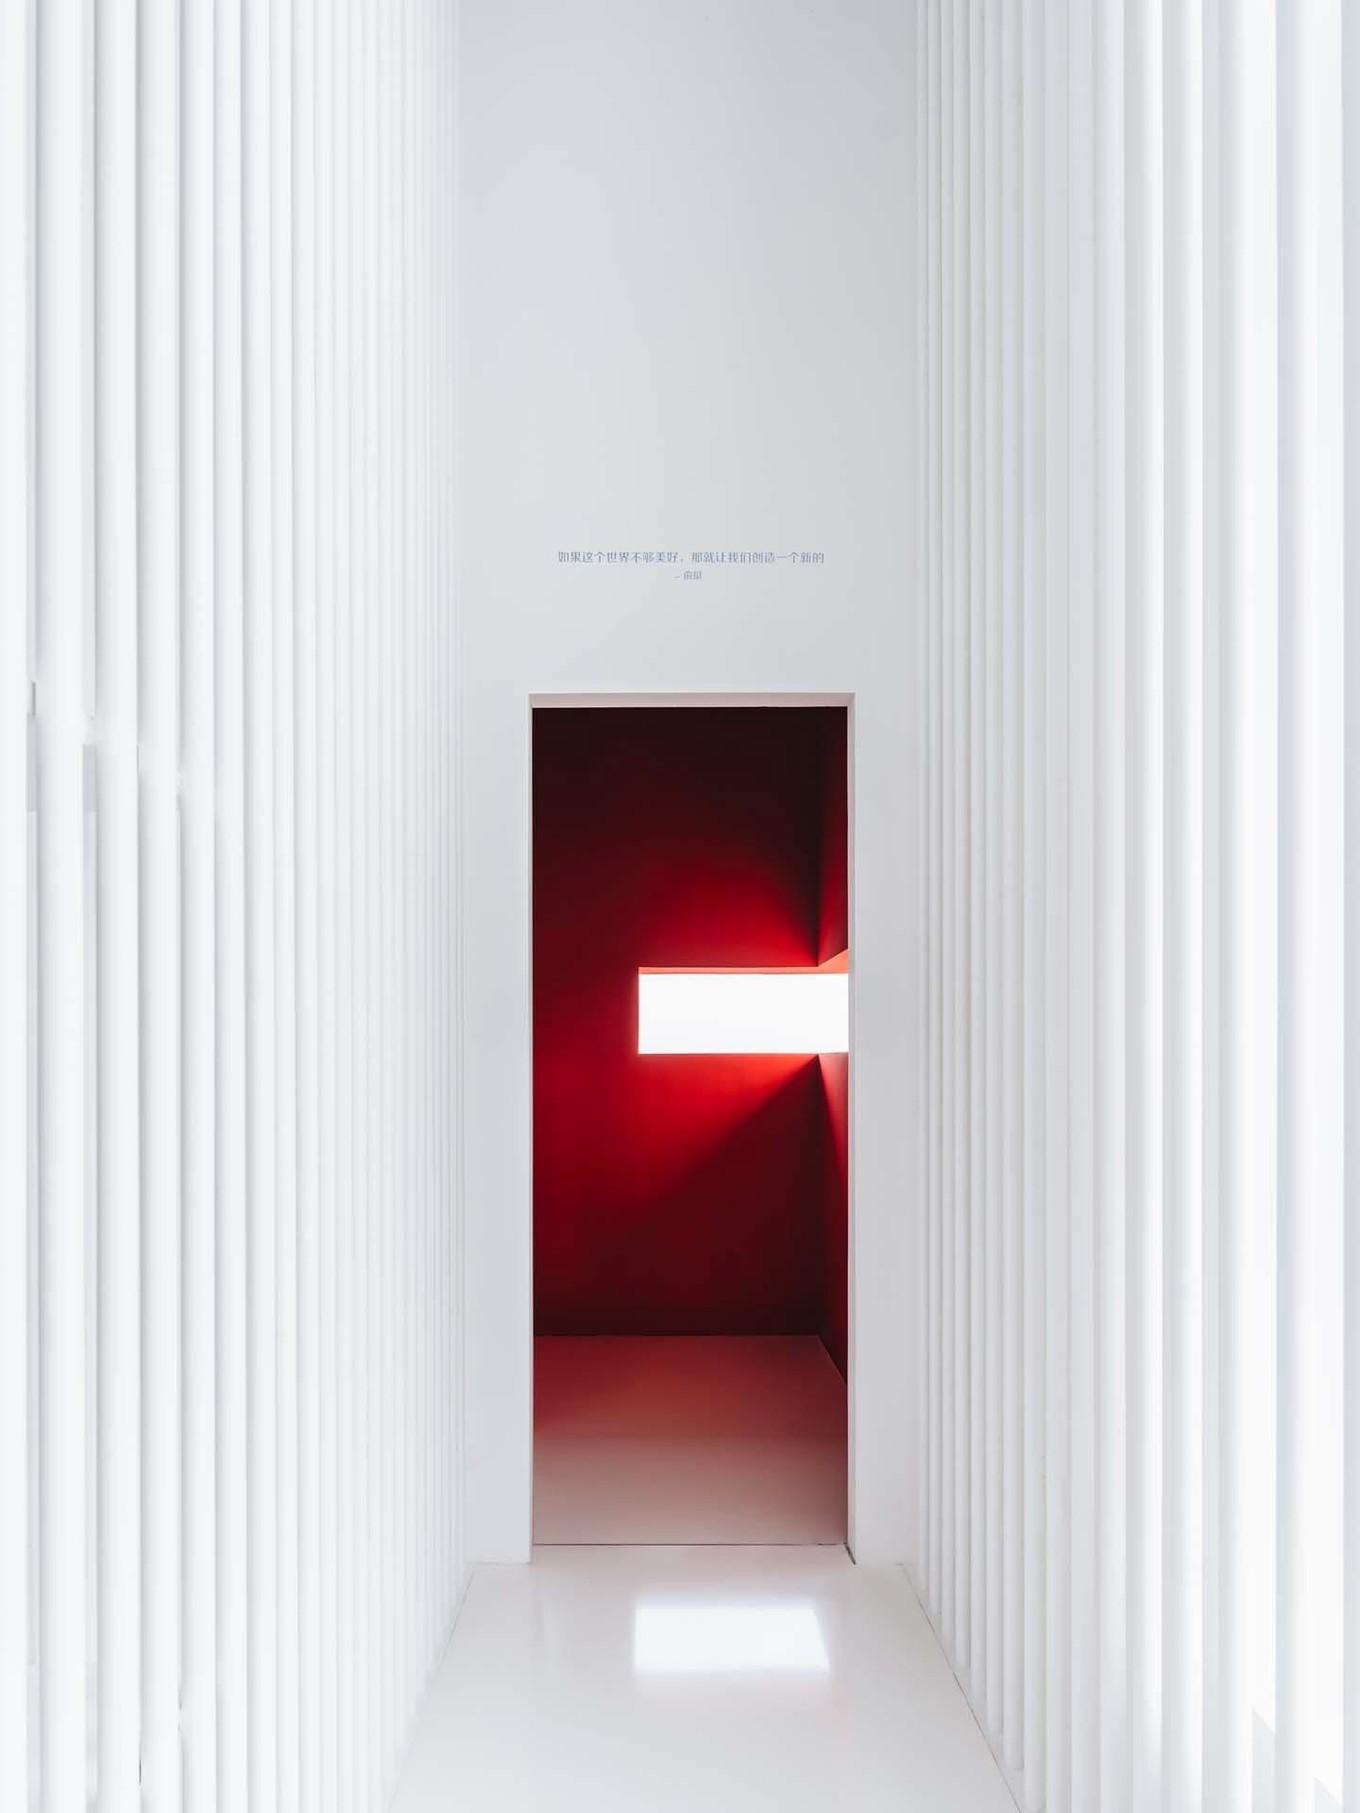 Музей архитектурных моделей в Китае дизайн,музеи